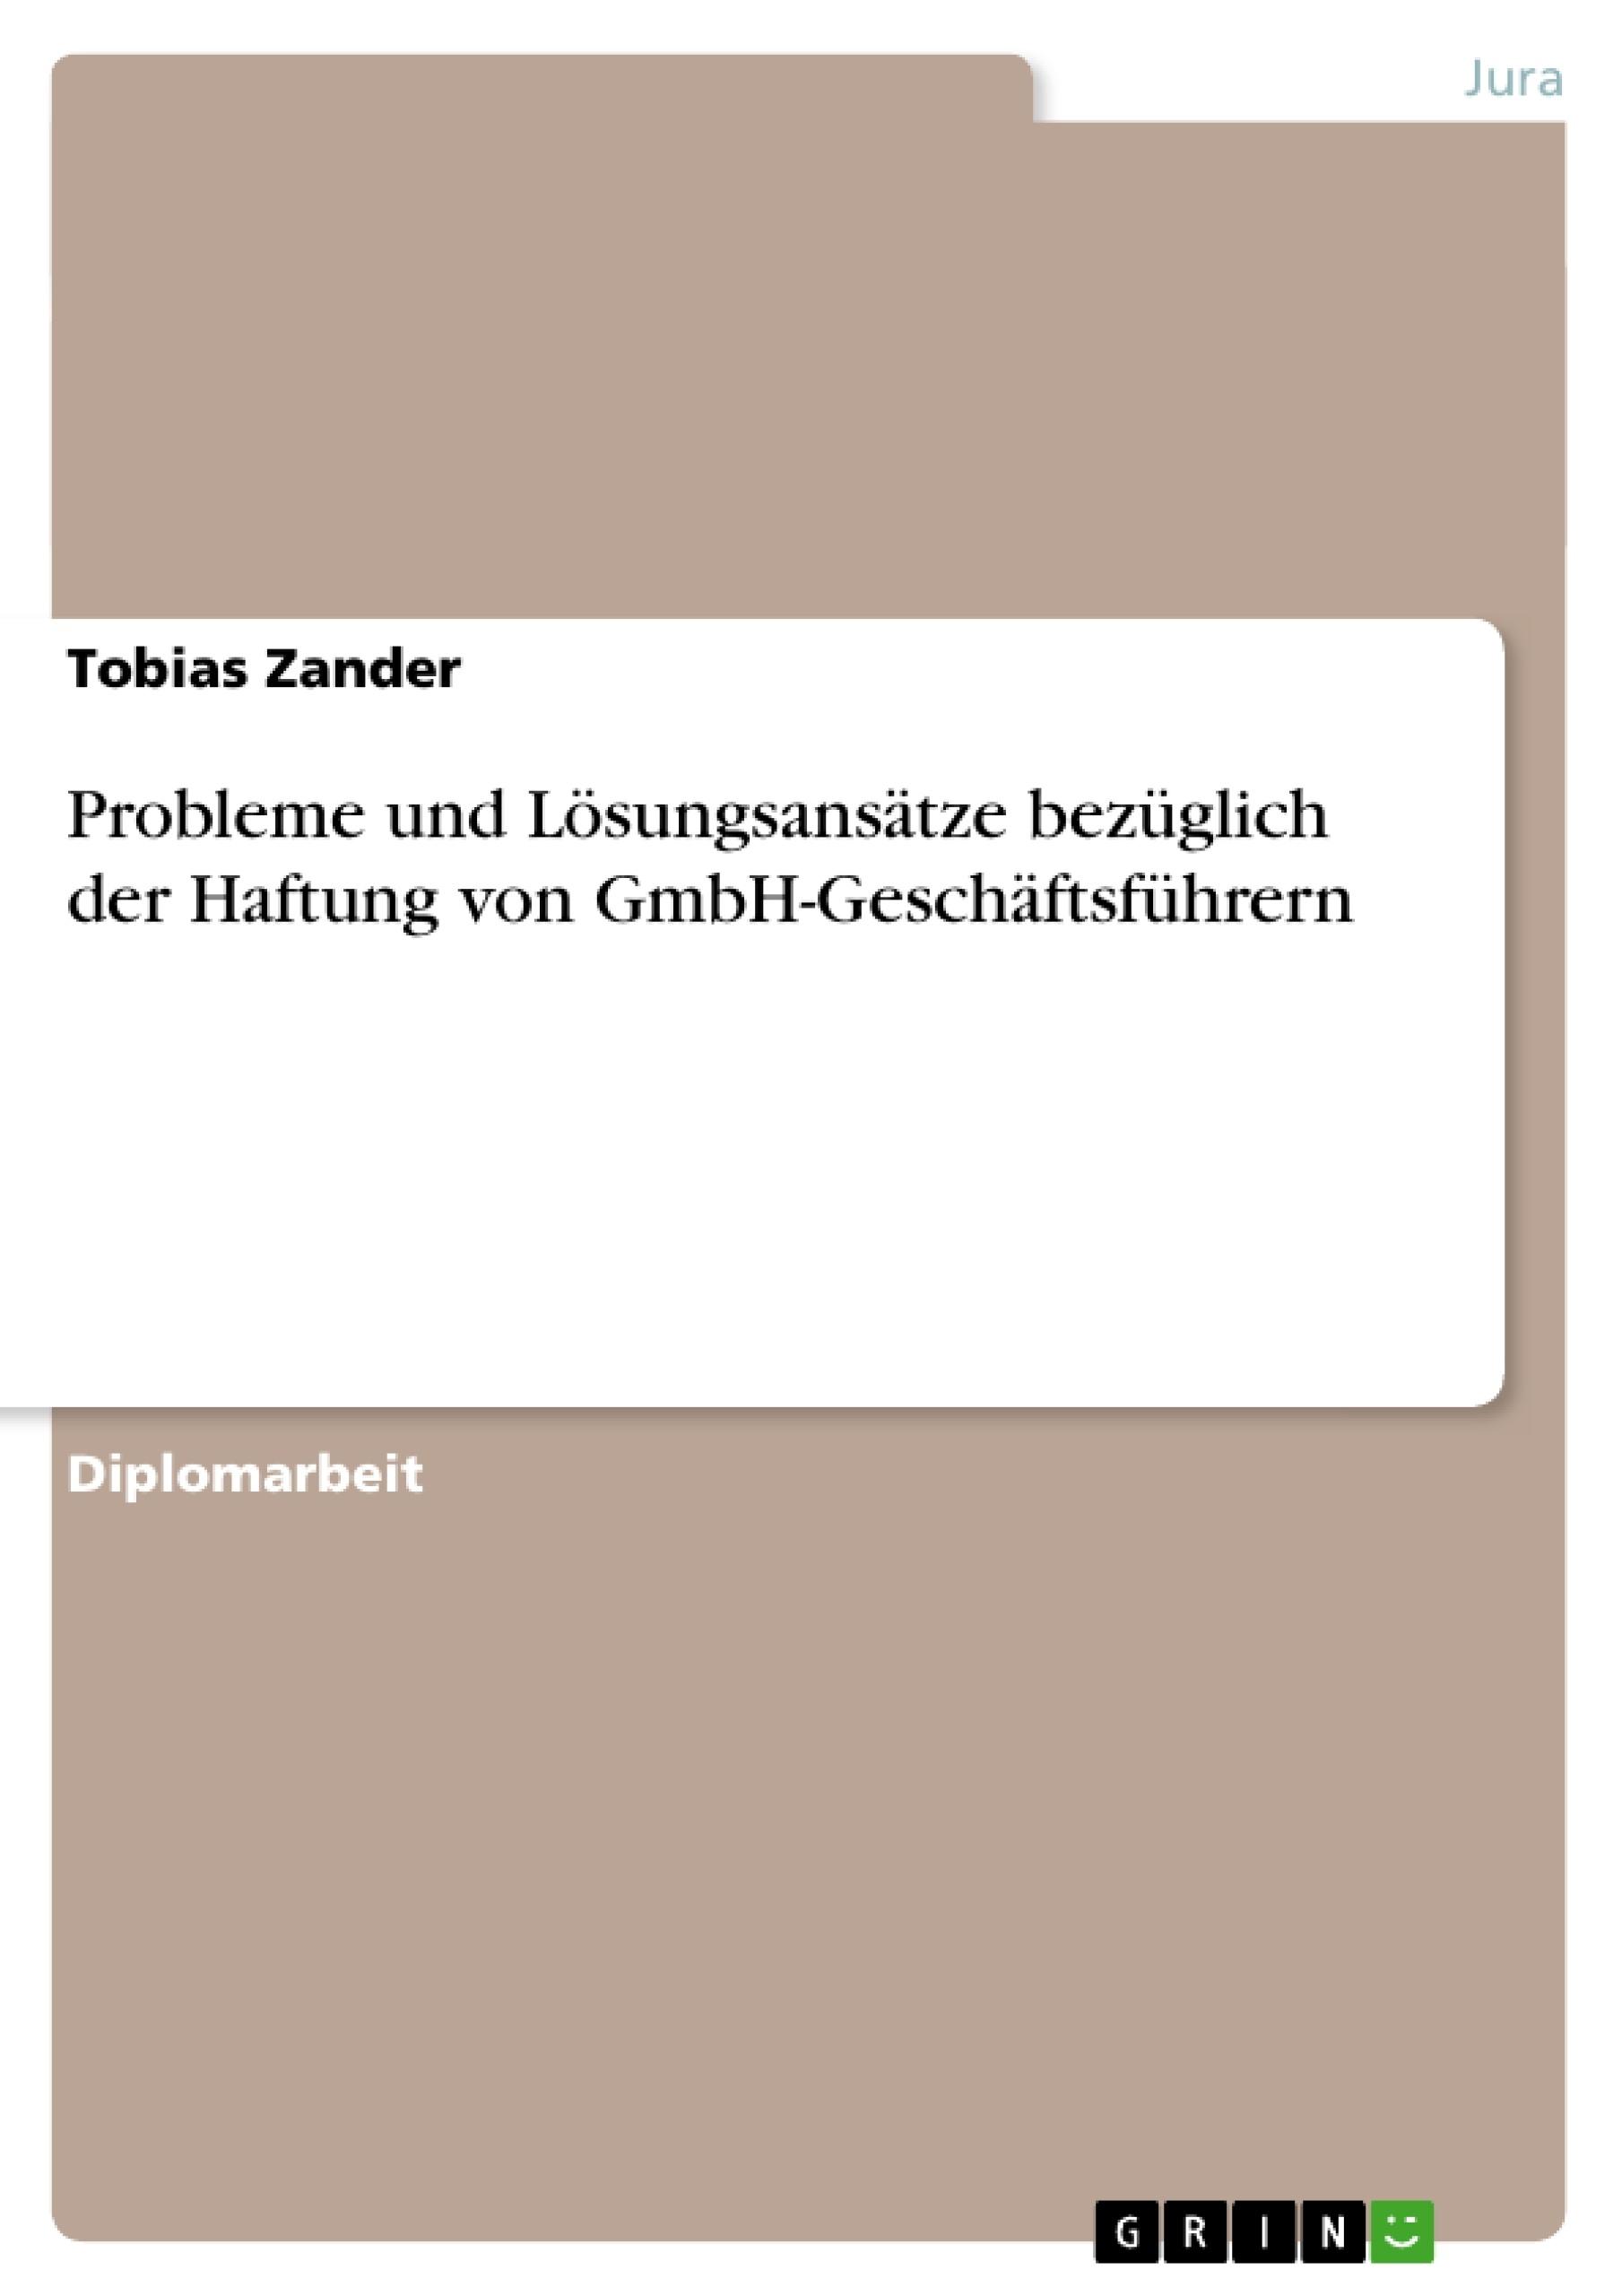 Titel: Probleme und Lösungsansätze bezüglich der Haftung von GmbH-Geschäftsführern